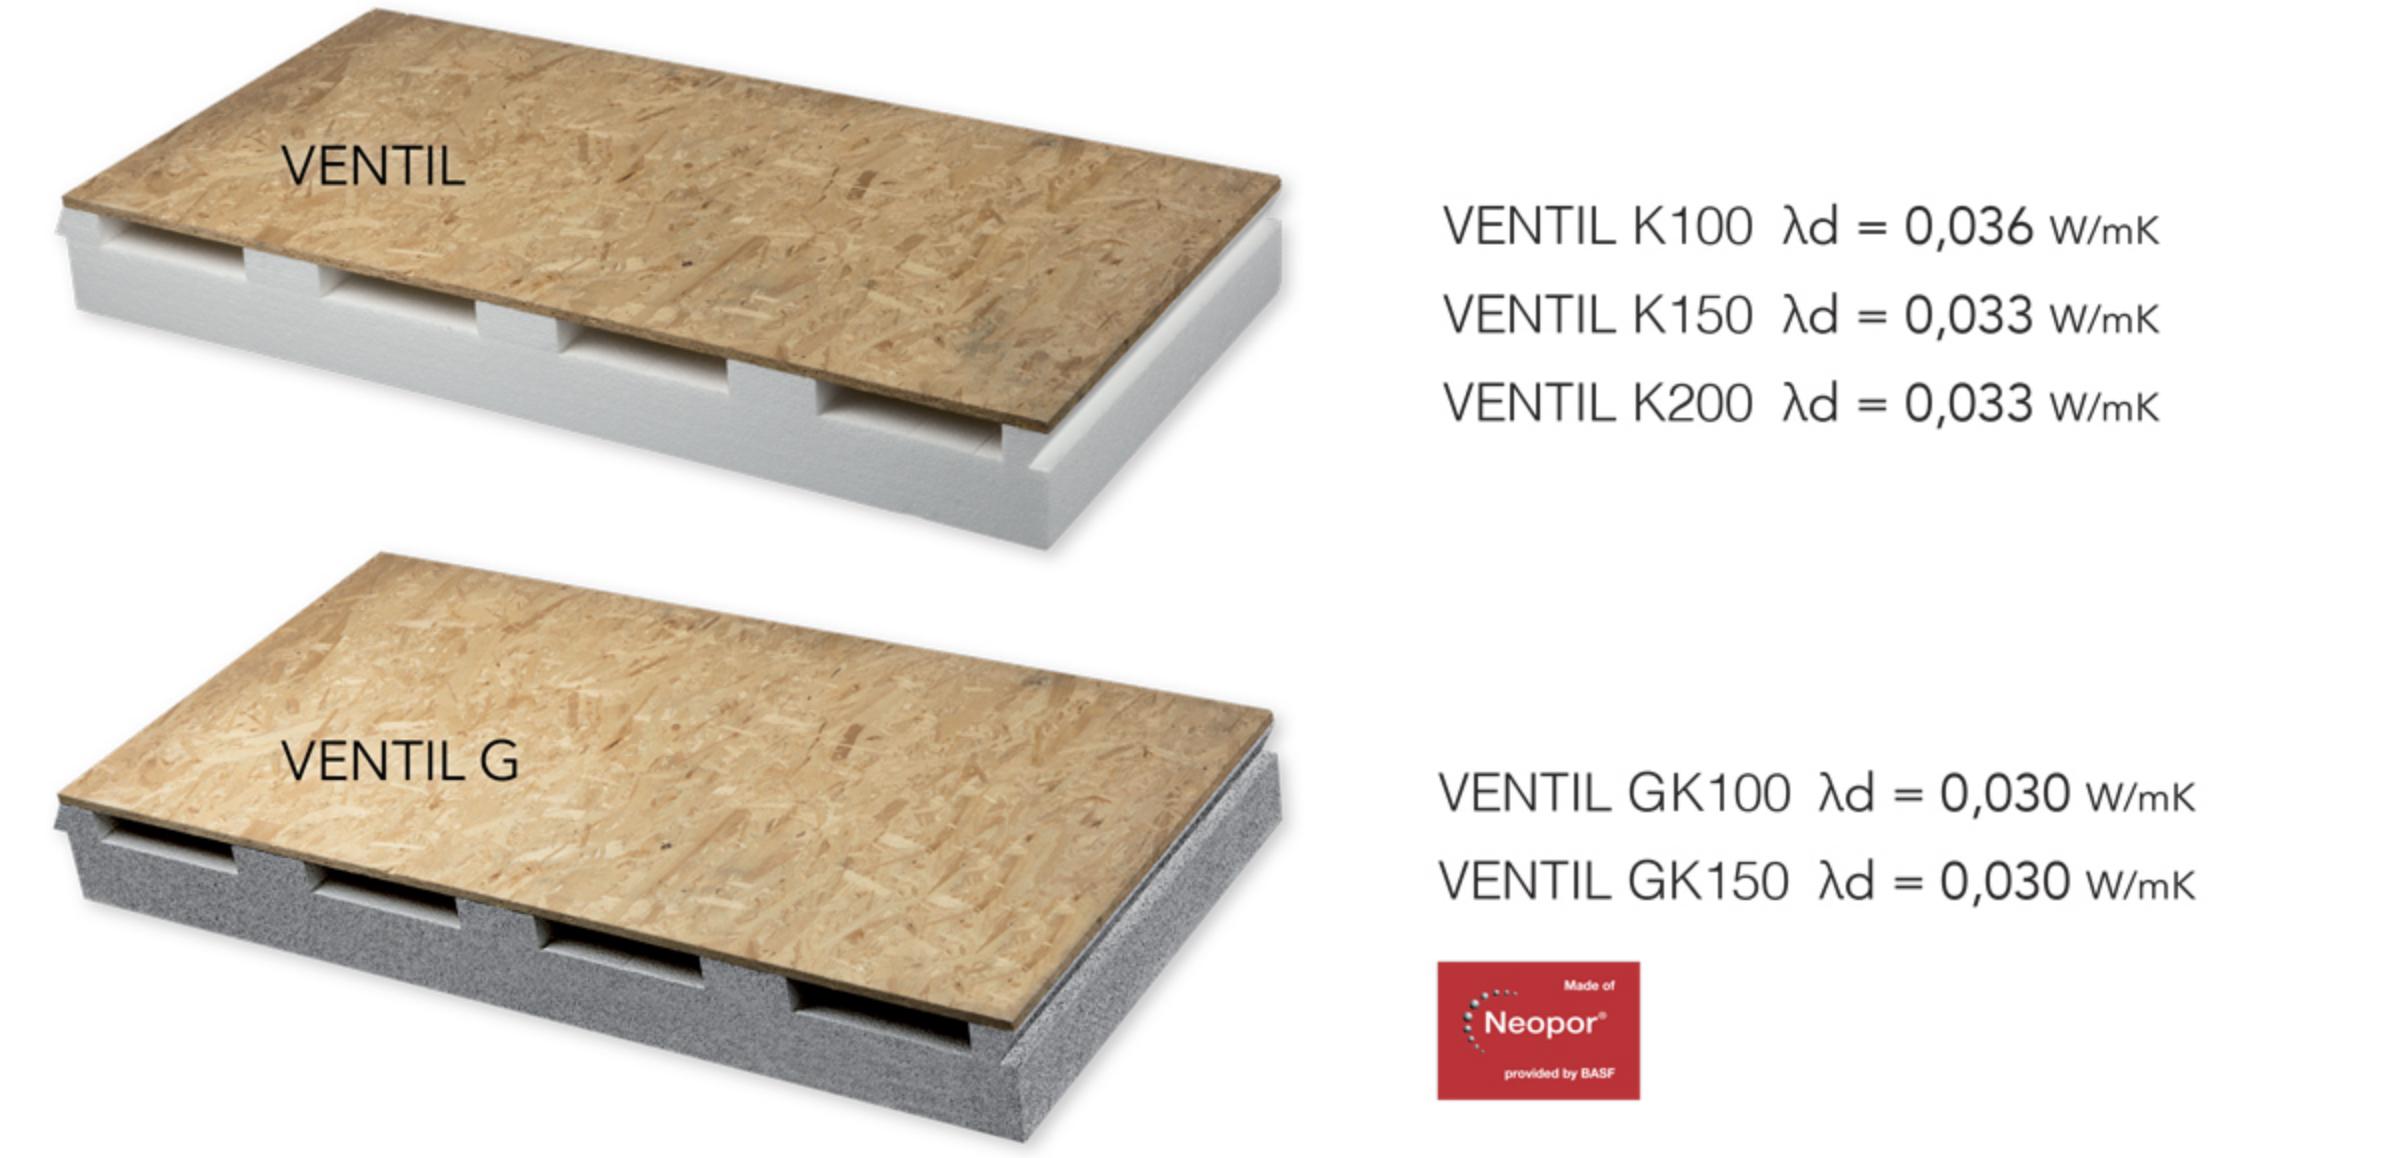 pannelli isolanti per copertura tetto ventilato